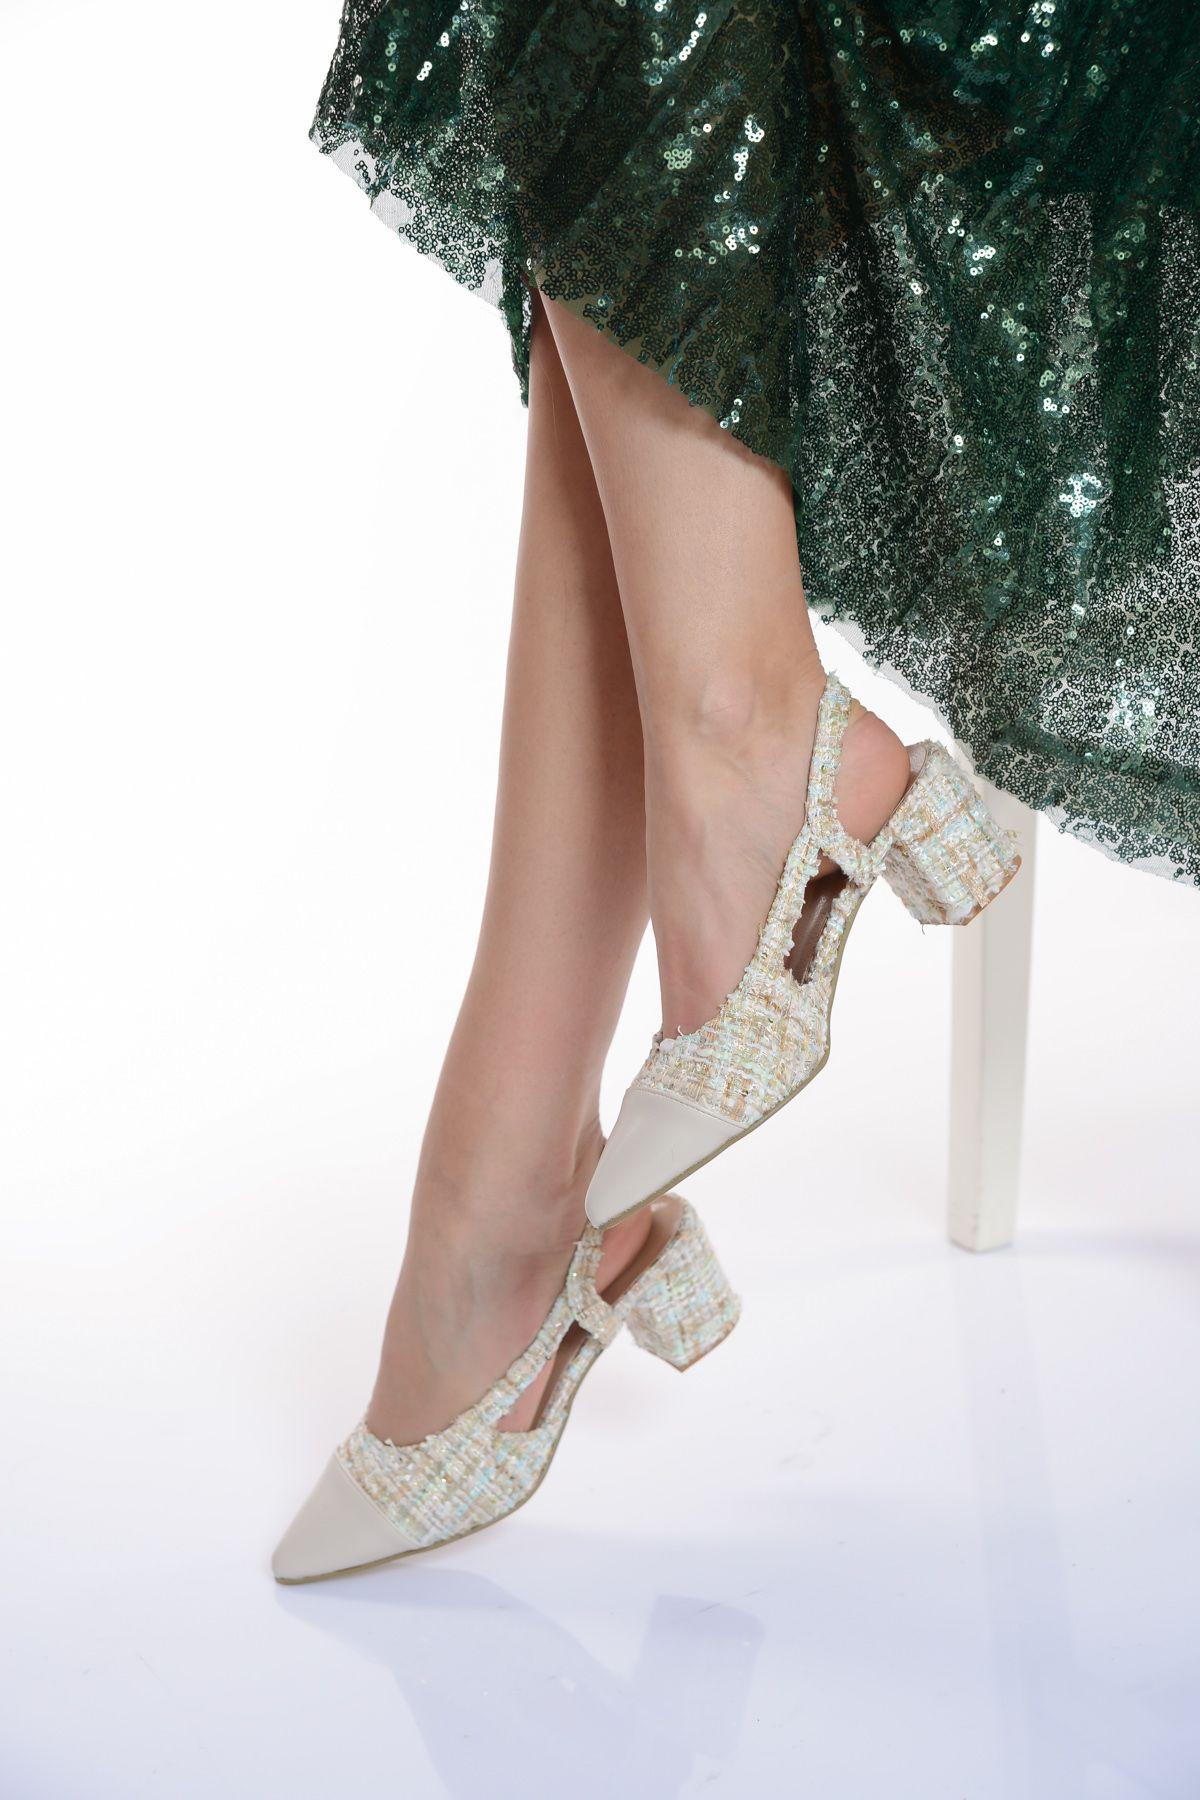 fa3fc46aef9cf Kadın 2019 Yaz Ayakkabı Modelleri, Fiyatları, Aynı Gün Kargo - Shoes Time